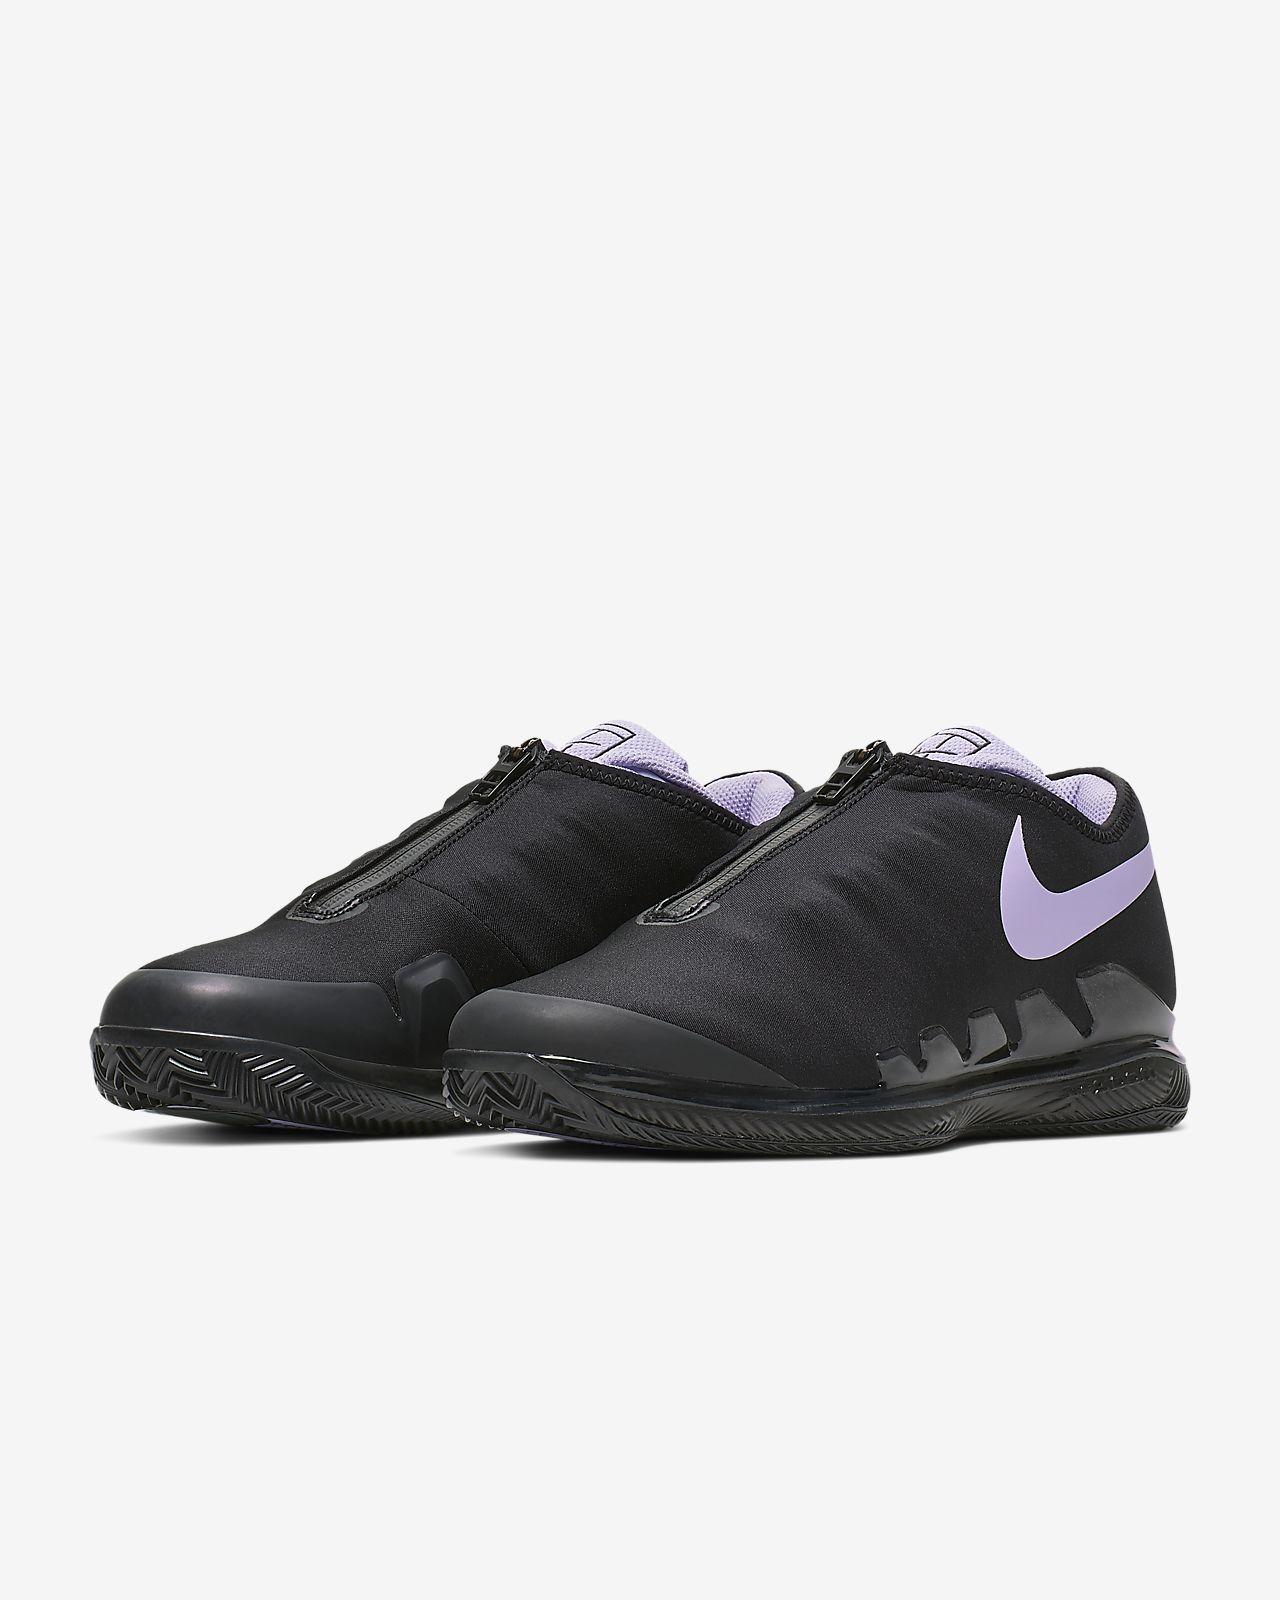 b1fc8f5f8f ... Chaussure de tennis pour terre battue NikeCourt Air Zoom Vapor X Glove  pour Femme